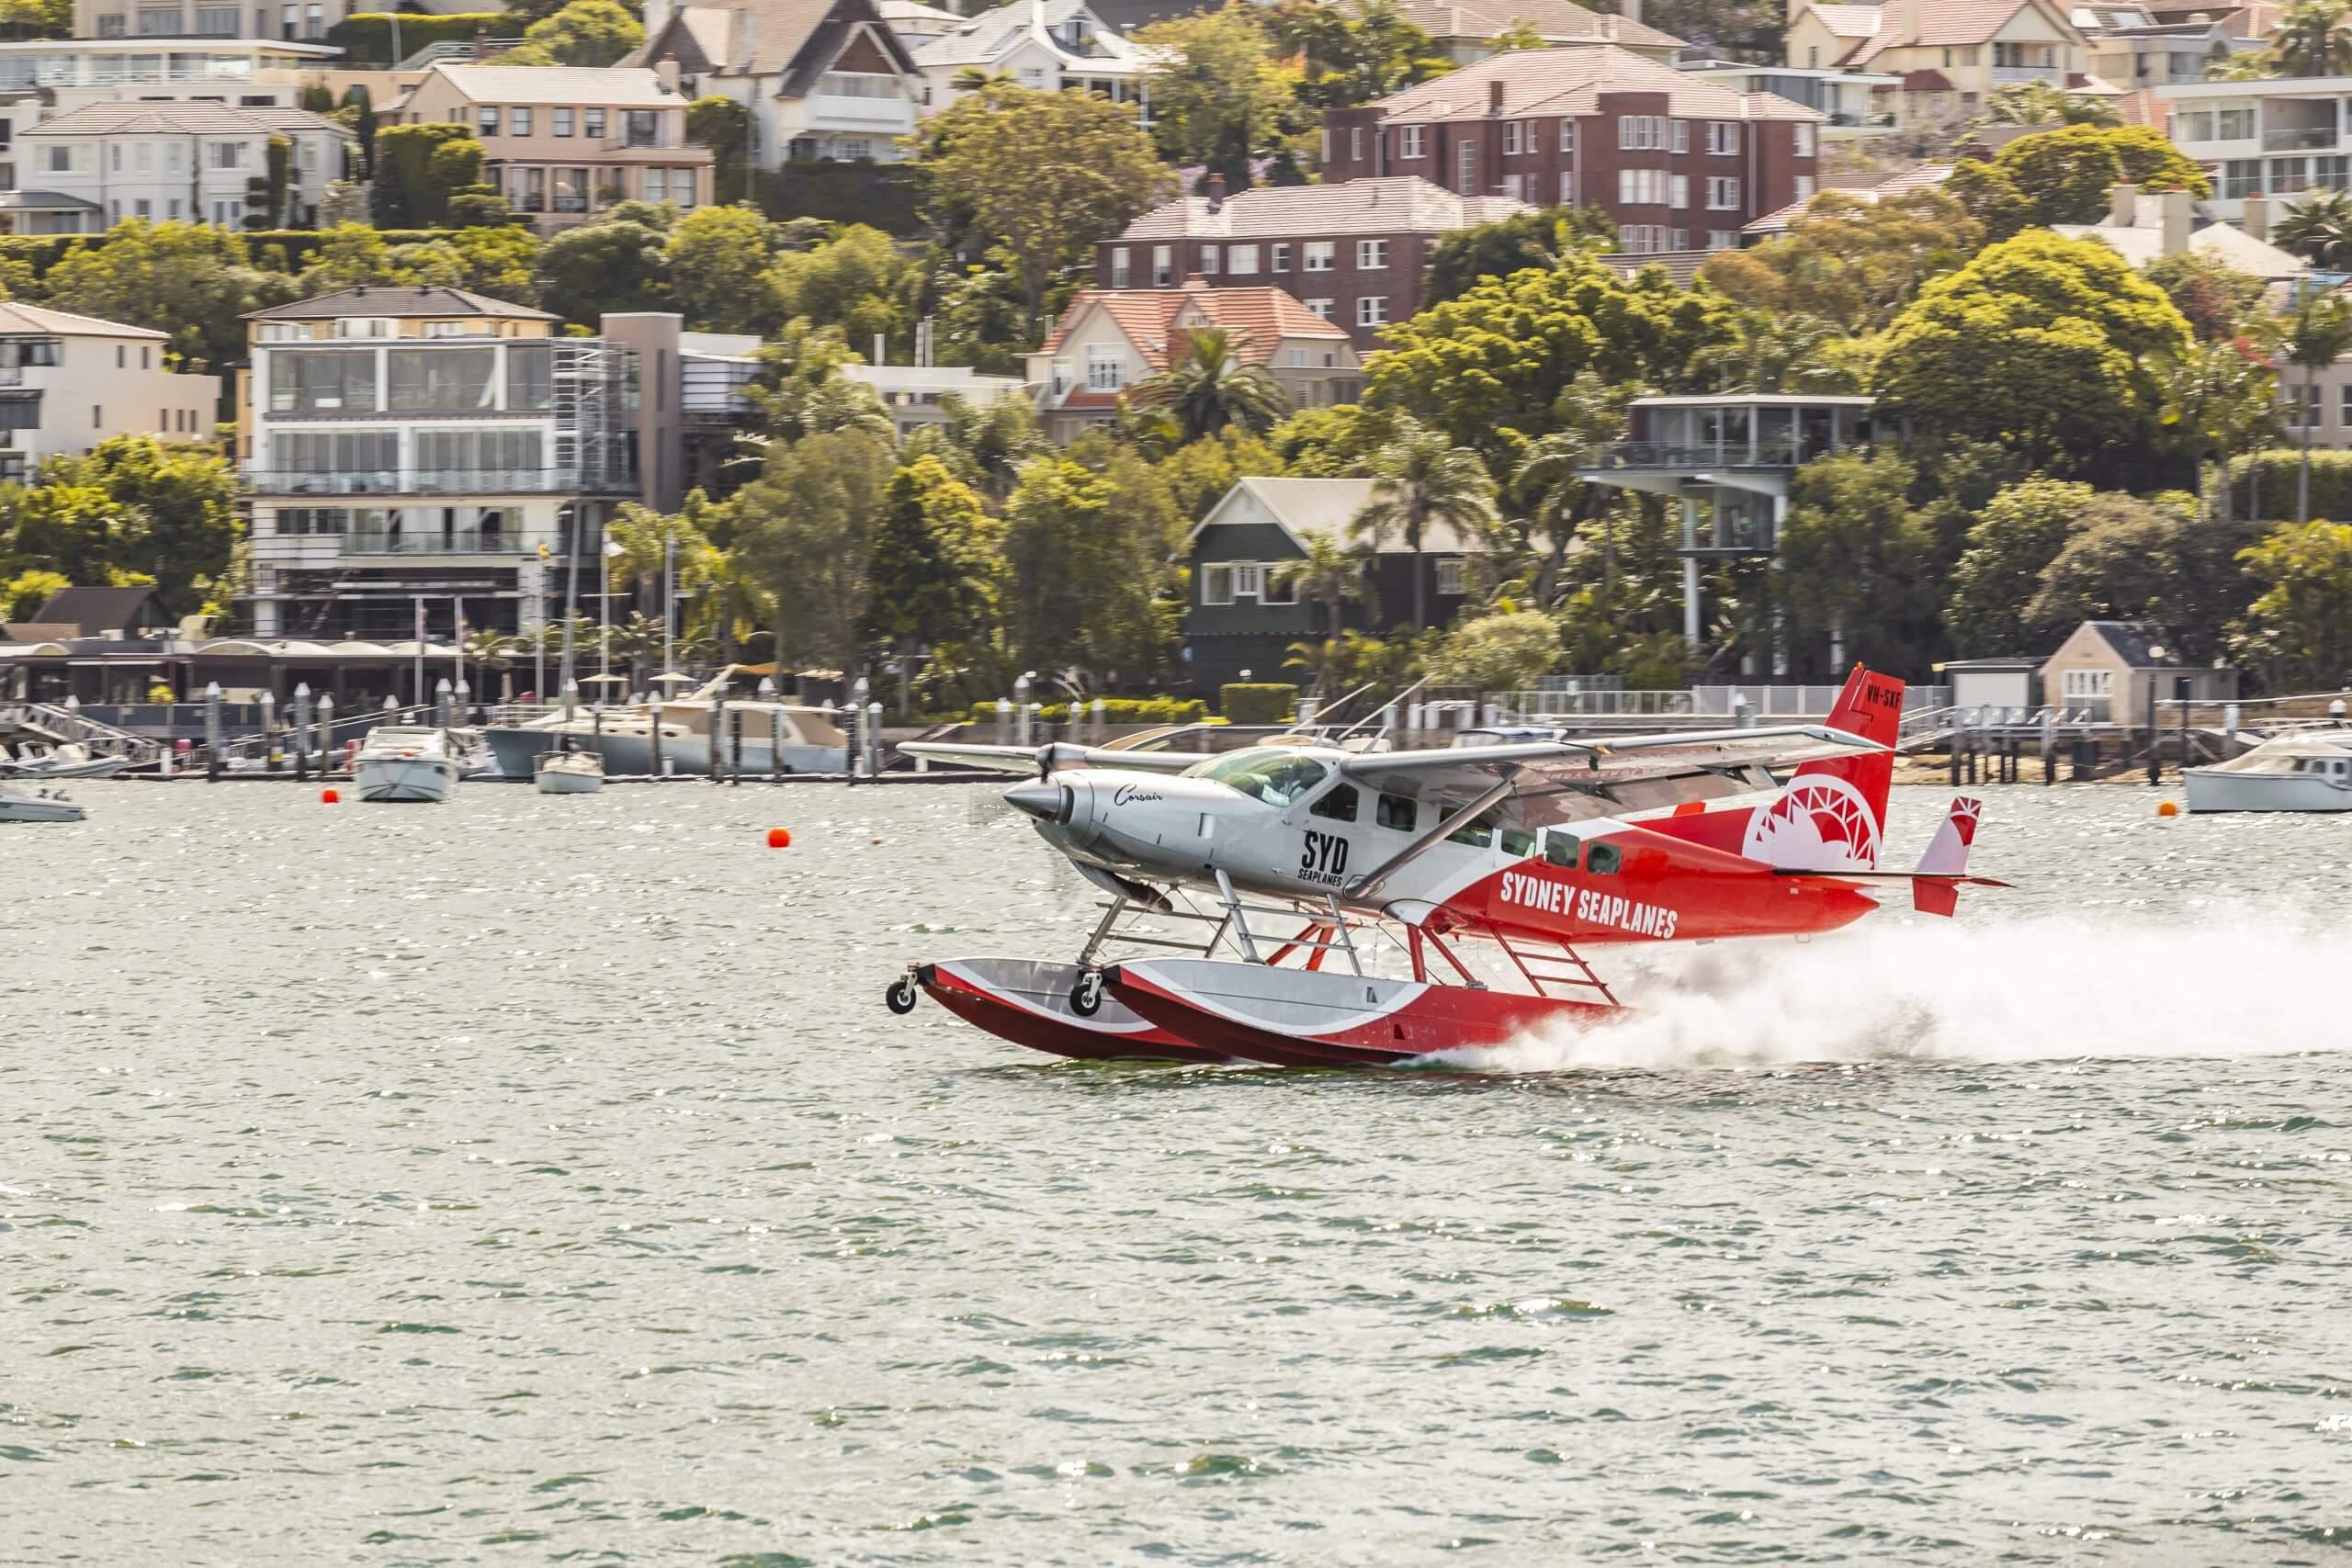 Wasserflugzeuge sind ein beliebtes Transportmittel